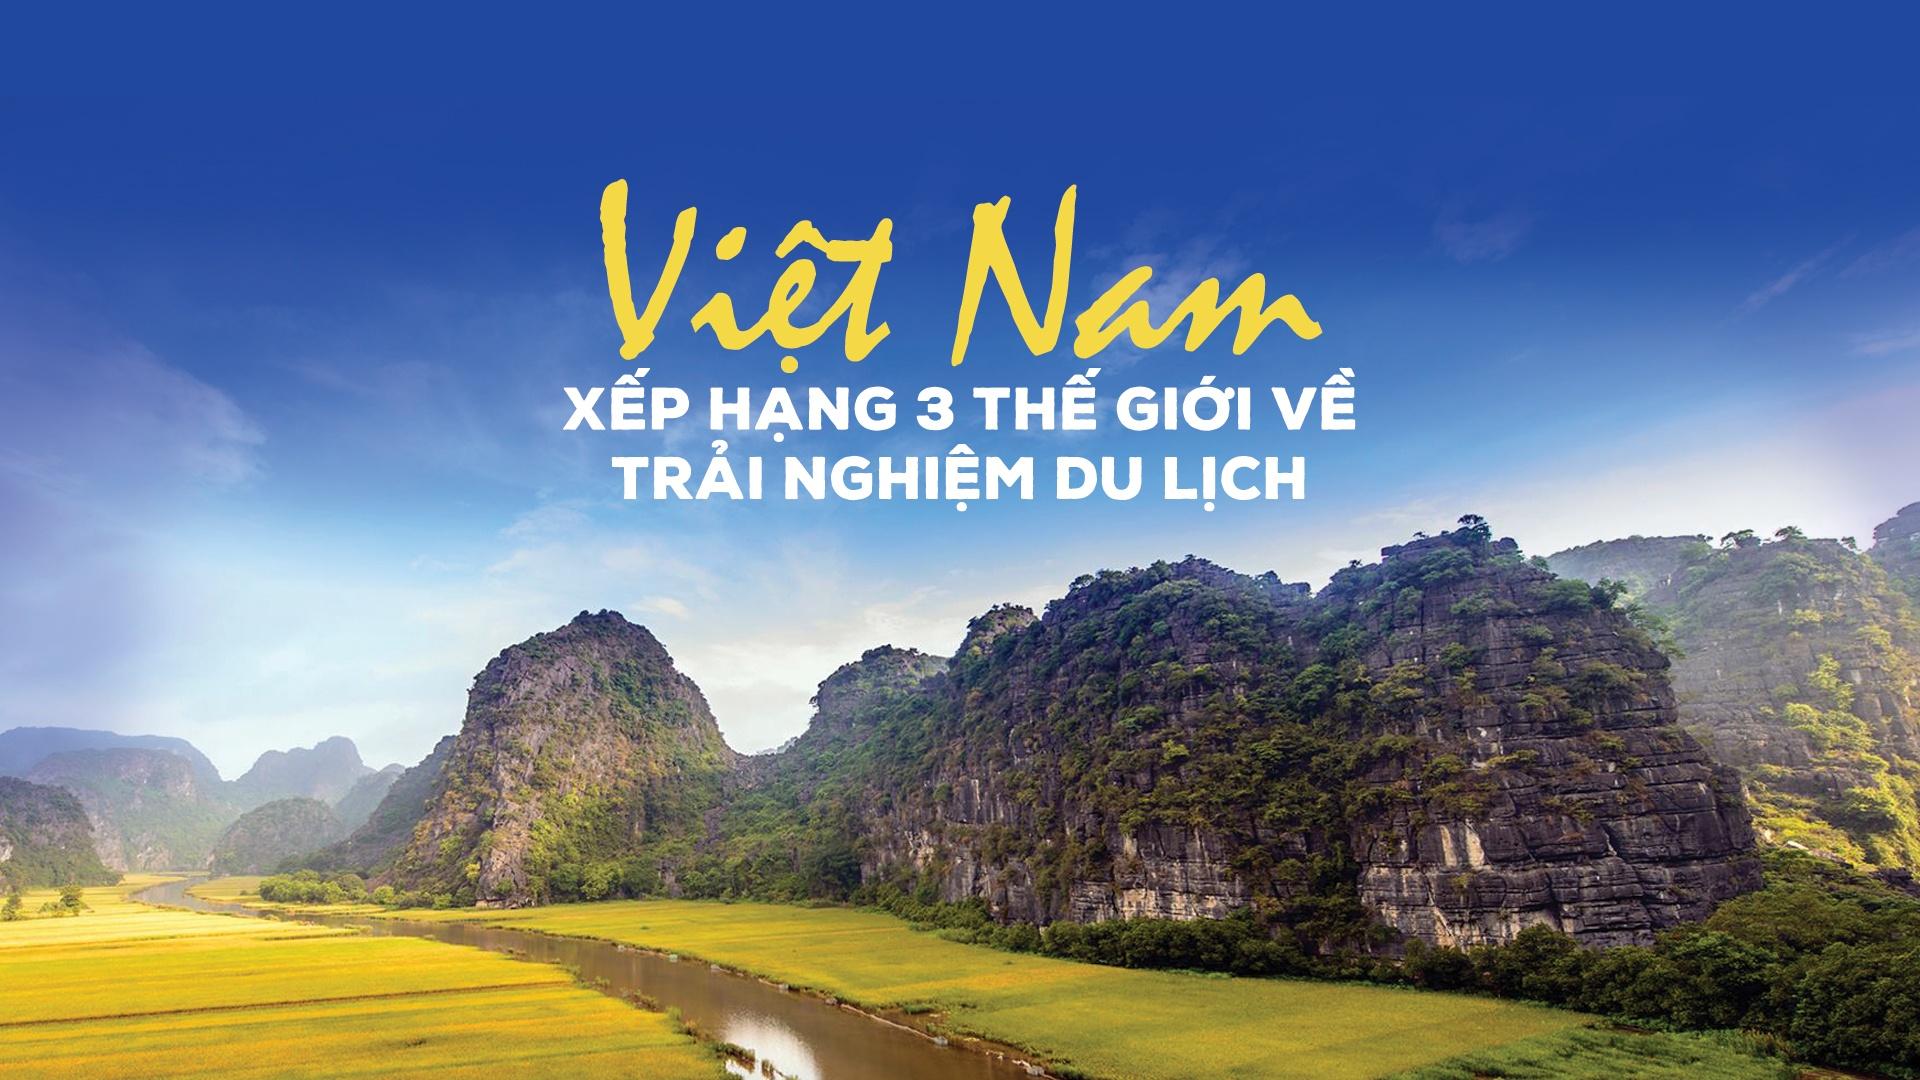 Viet Nam xep hang 3 the gioi ve trai nghiem du lich hinh anh 1